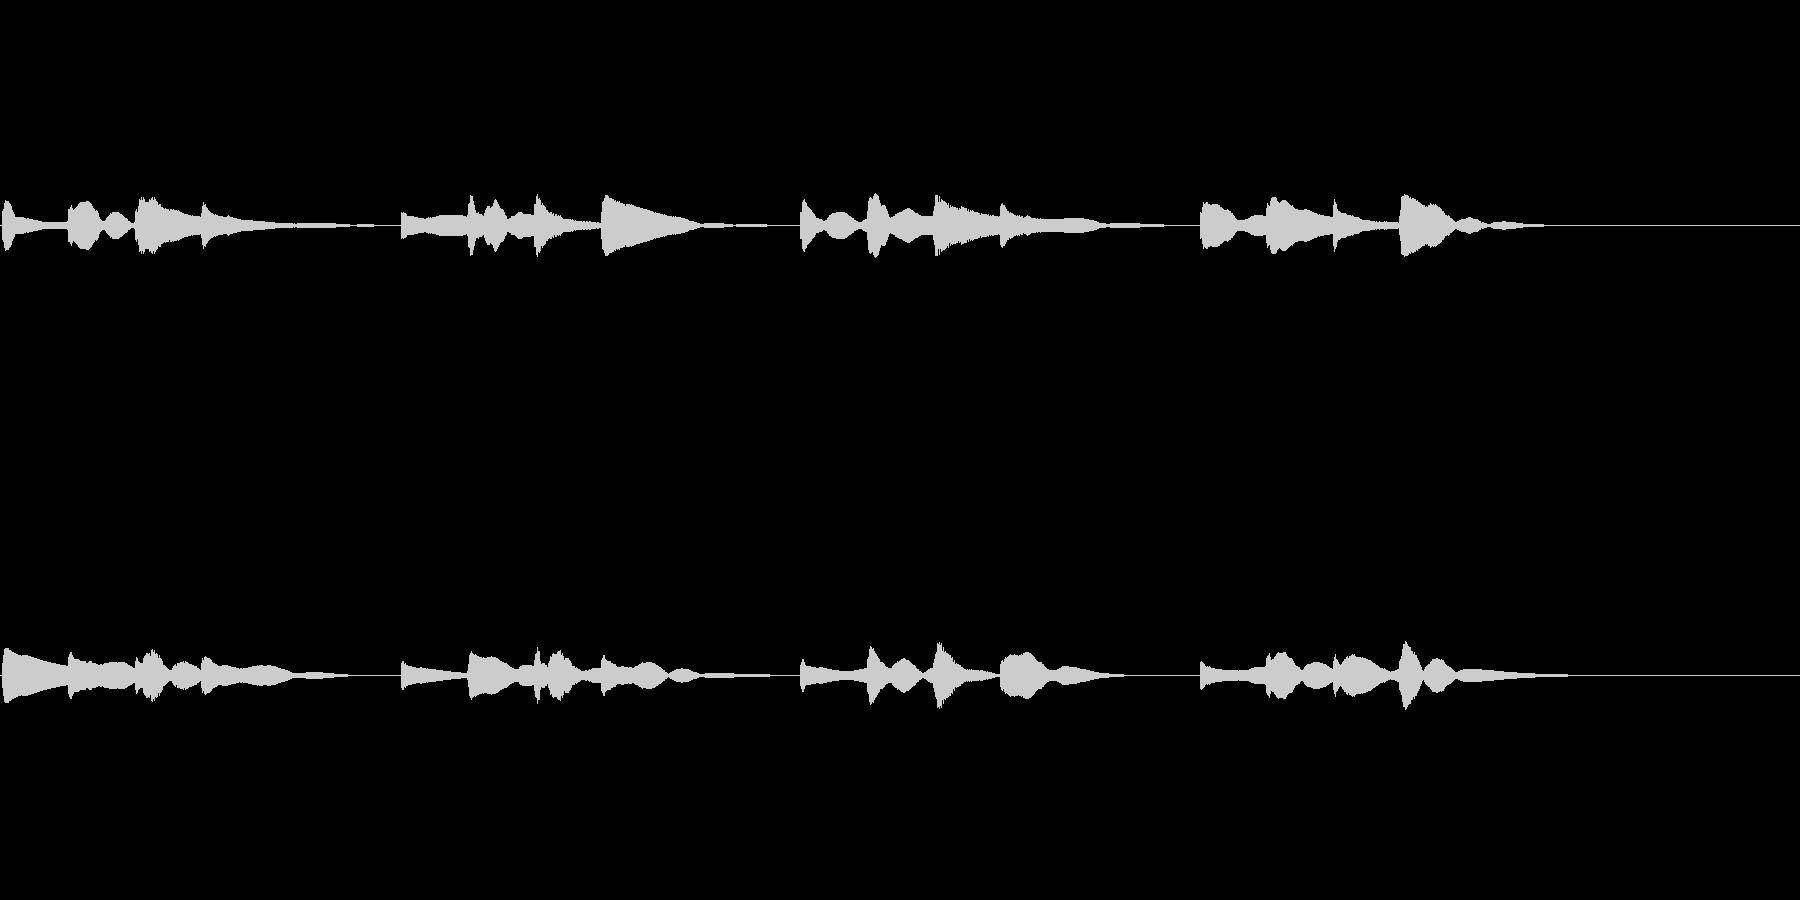 チャイム エコーあり用の未再生の波形